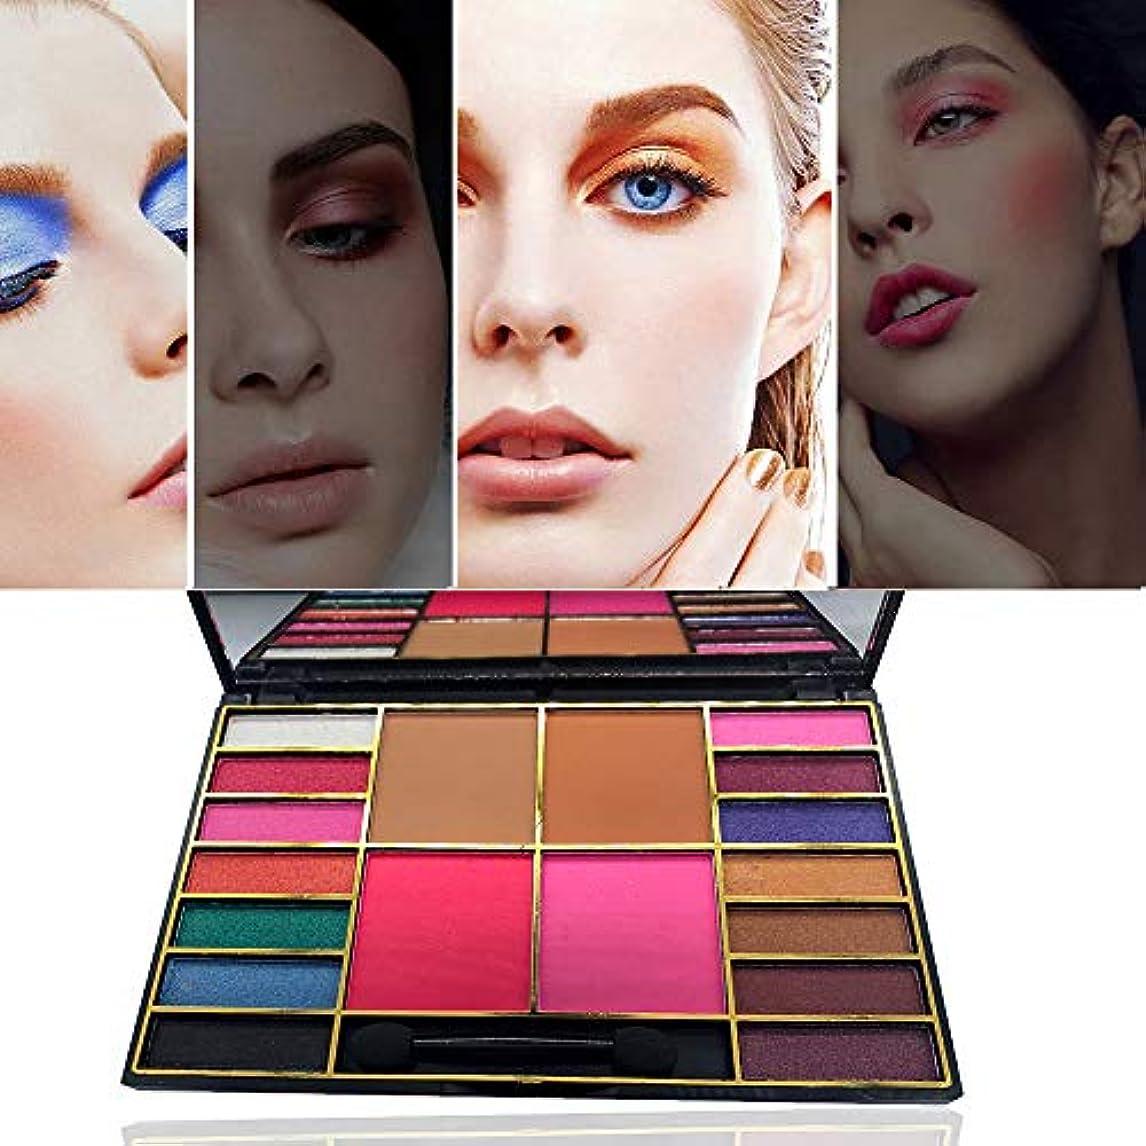 象マージンお手入れAkane アイシャドウパレット GLAZZI 人気 ファッション 真珠光沢 つや消し 綺麗 欧米風 ゴージャス 日本人肌に合う マット 持ち便利 Eye Shadow (18色) GZ8040036B